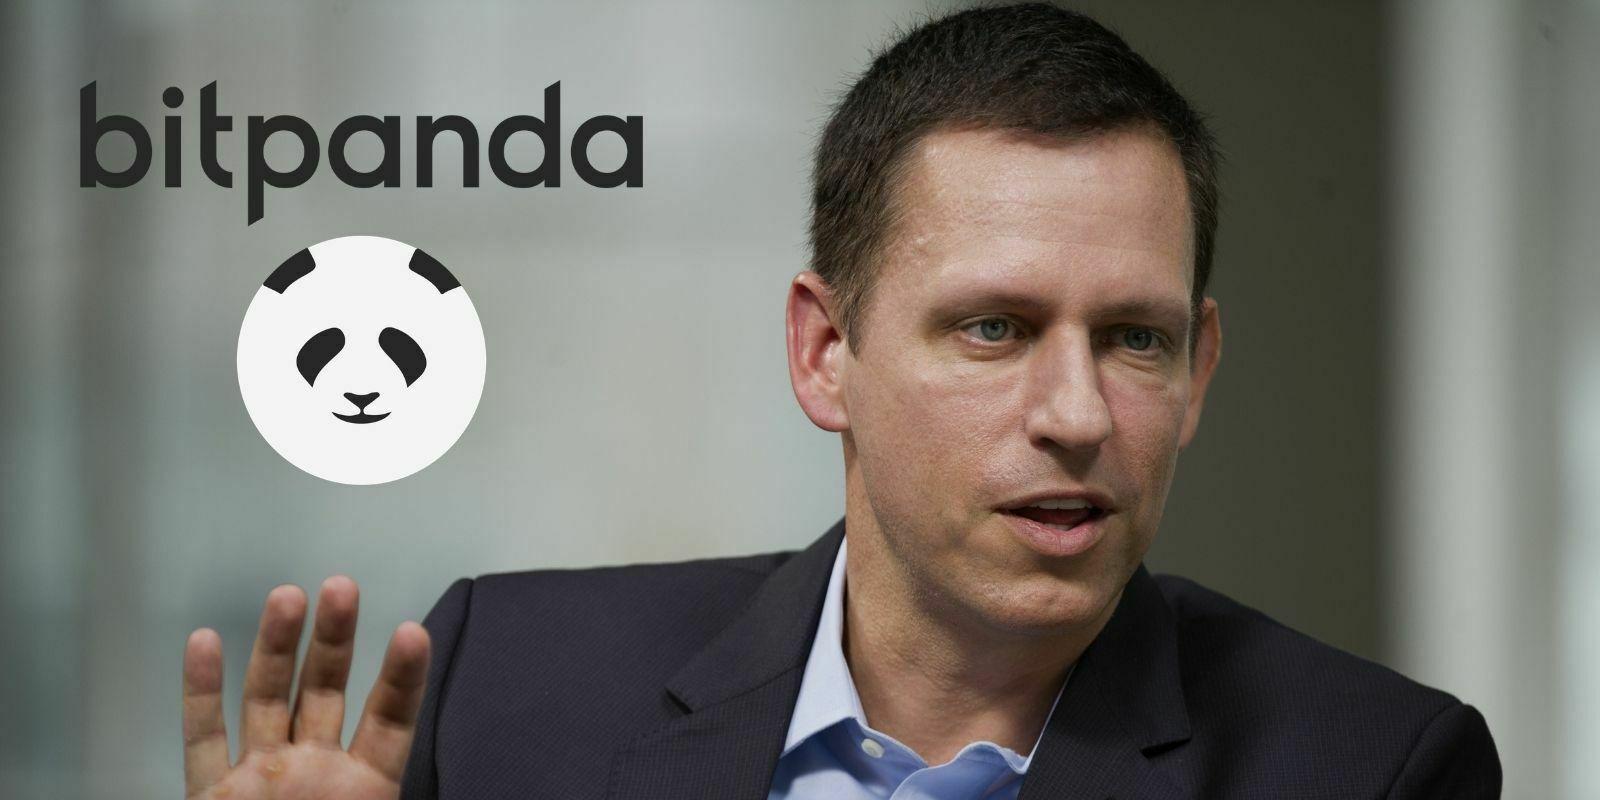 L'exchange Bitpanda lève 52M$ auprès de Peter Thiel et d'autres